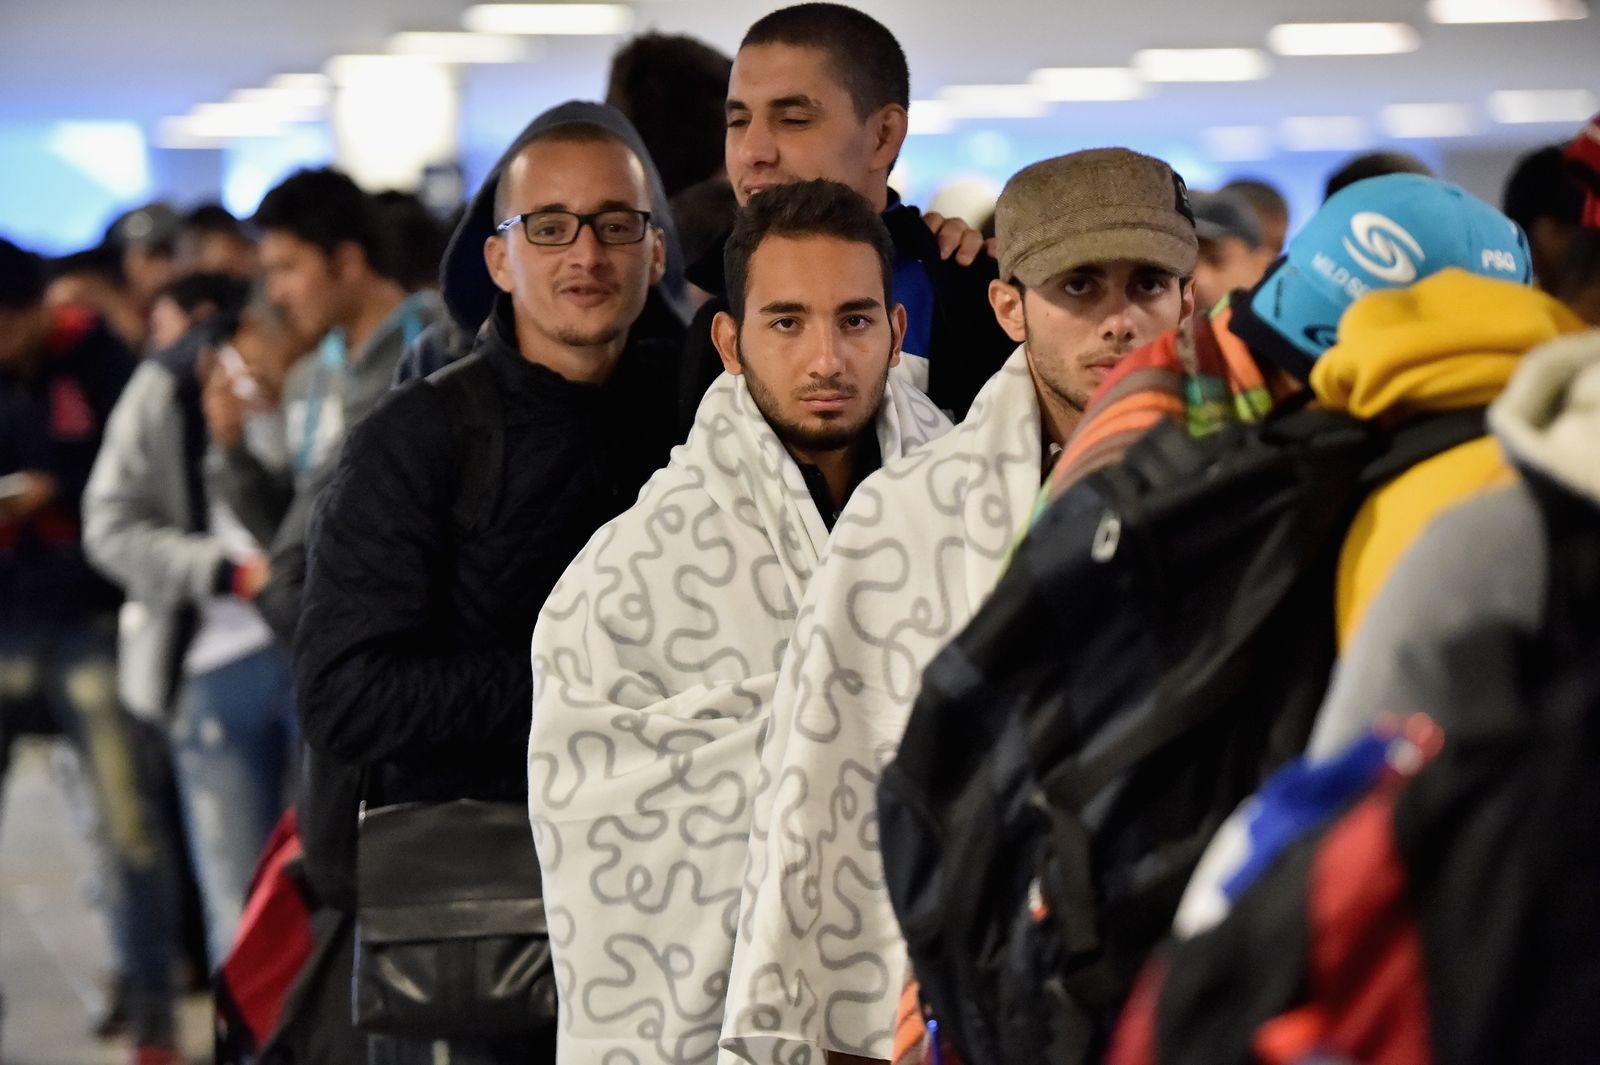 Ungarn/ Flüchtlinge/ Migranten